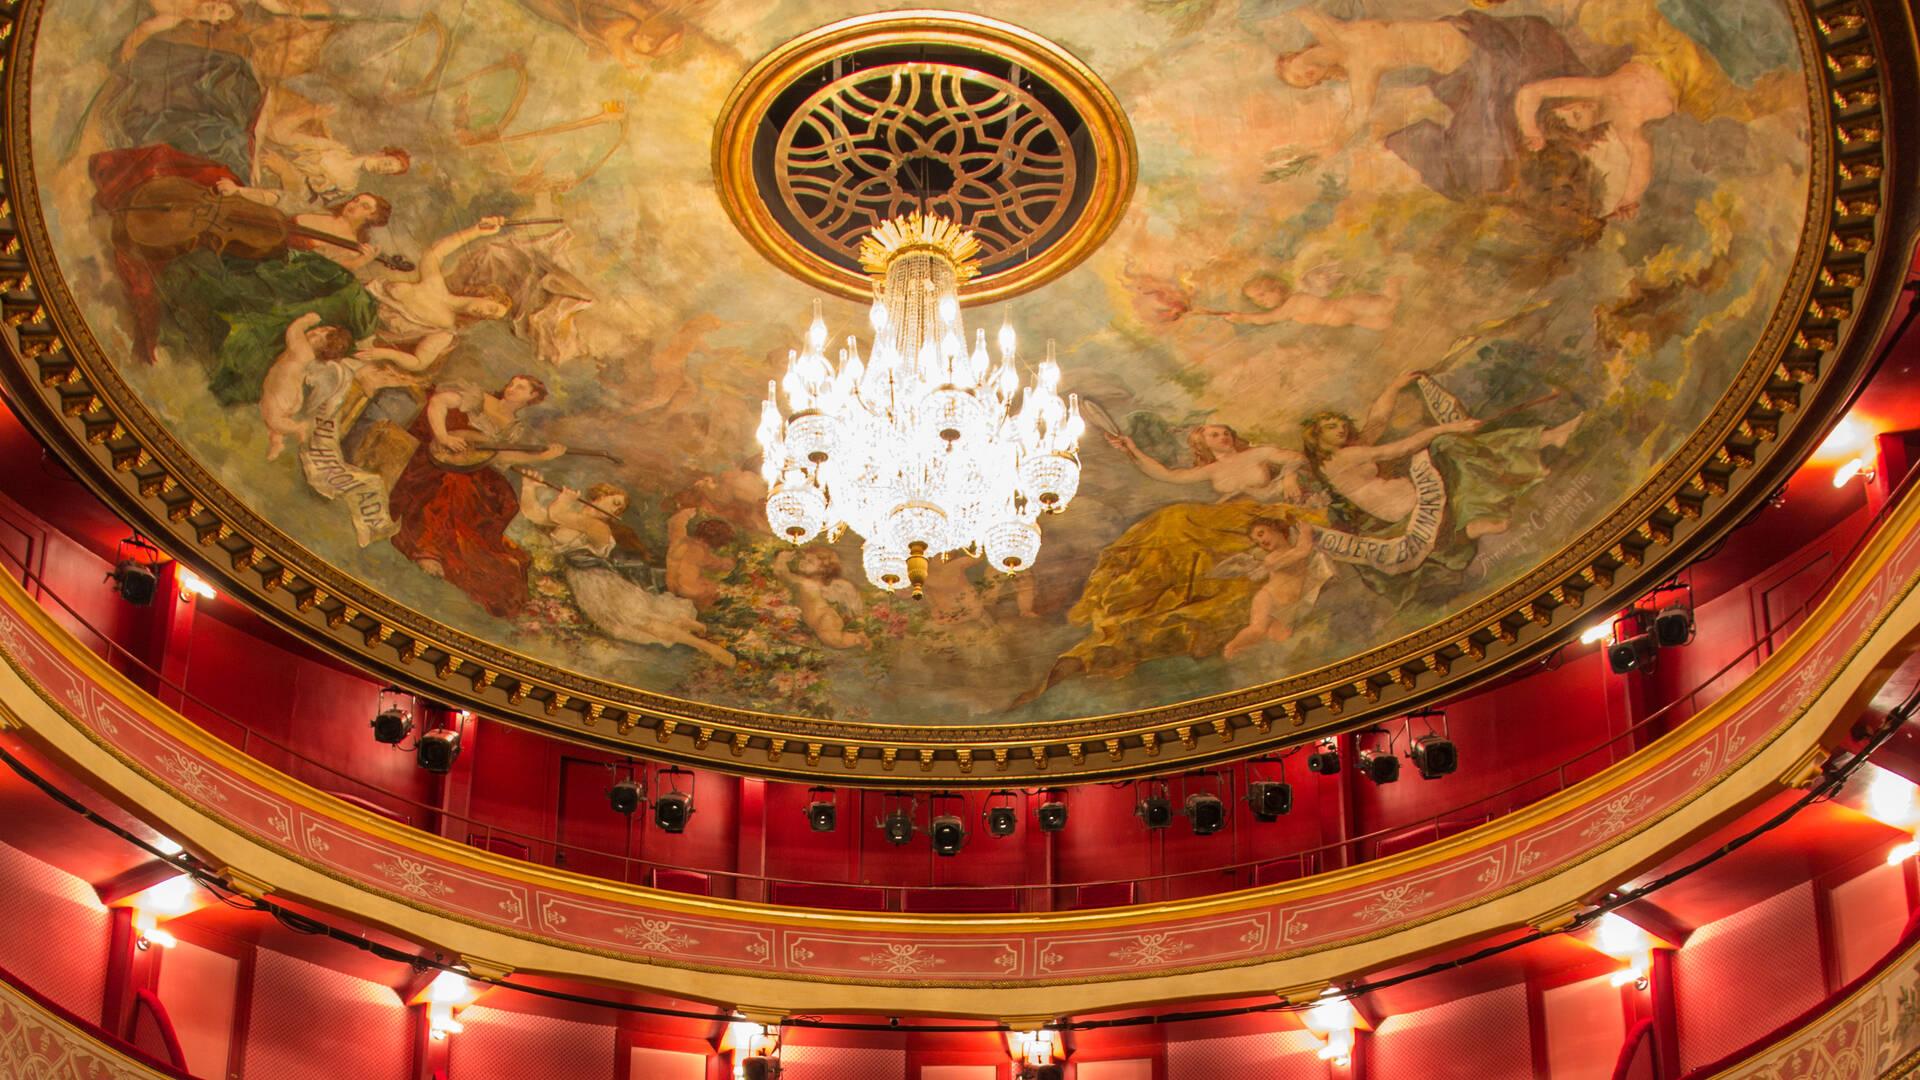 Passez une soirée au Théâtre de La Coupe d'Or, superbe théâtre à l'italienne du XVIIIème siècle - © David Compain - Ville de Rochefort